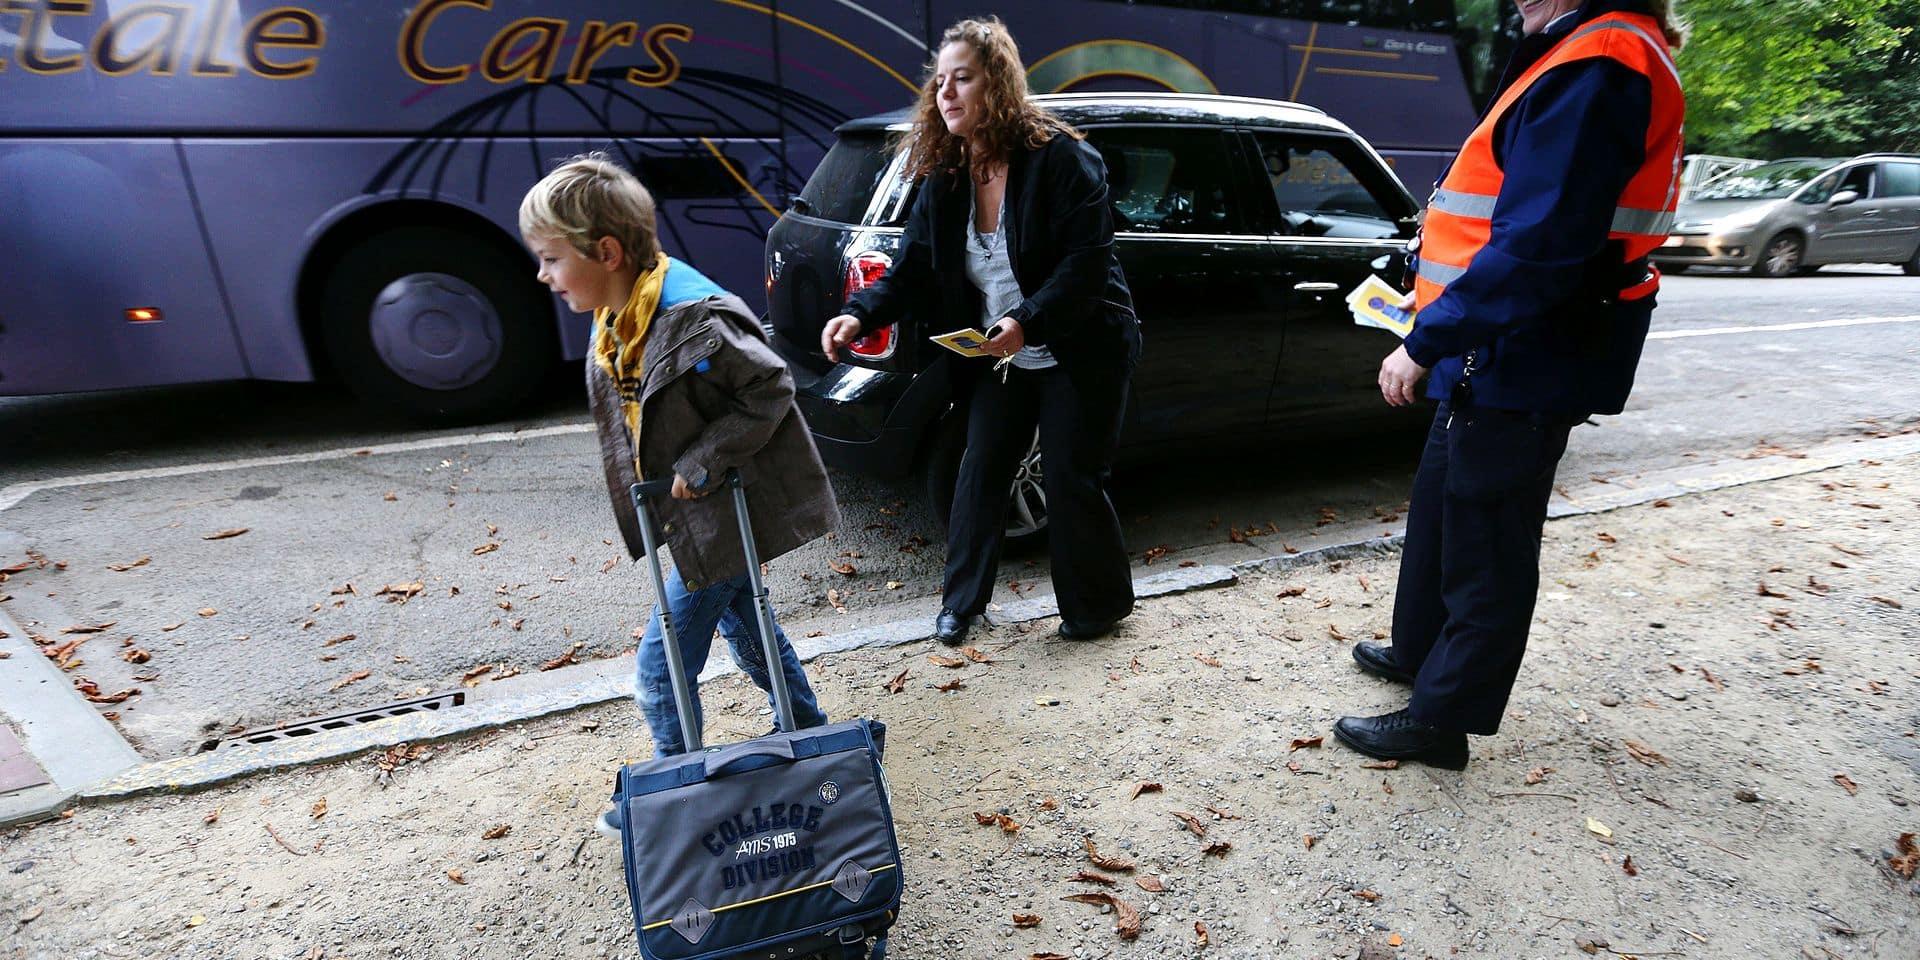 """En ces jours de rentrée, il est parfois bon bon de se rappeler les mesures basiques de sécurité pour emmener les enfants à l'école. """"L'Opération Cartable"""", menée par la Région et les six zones de police entend sensibiliser les enfants et leurs parents aux bons comportements sur le chemin et aux alentours des établissements scolaires. Ce jeudi matin matin, des policiers, accompagnés par nouvelle secrétaire d'Etat bruxelloise à la mobilité Bianca Debaets (CD&V) ont distribué des dépliants devant deux écoles d'Auderghem, une francophone et une néerlandophone. Parmis les conseils prodigués, l'utilisation de la zone Kiss & Ride (zone protégée de la circulation pour le débarquement), les interdictions de stationnement sur les trottoires et le débarquement des enfants du côté de ces mêmes trottoirs."""